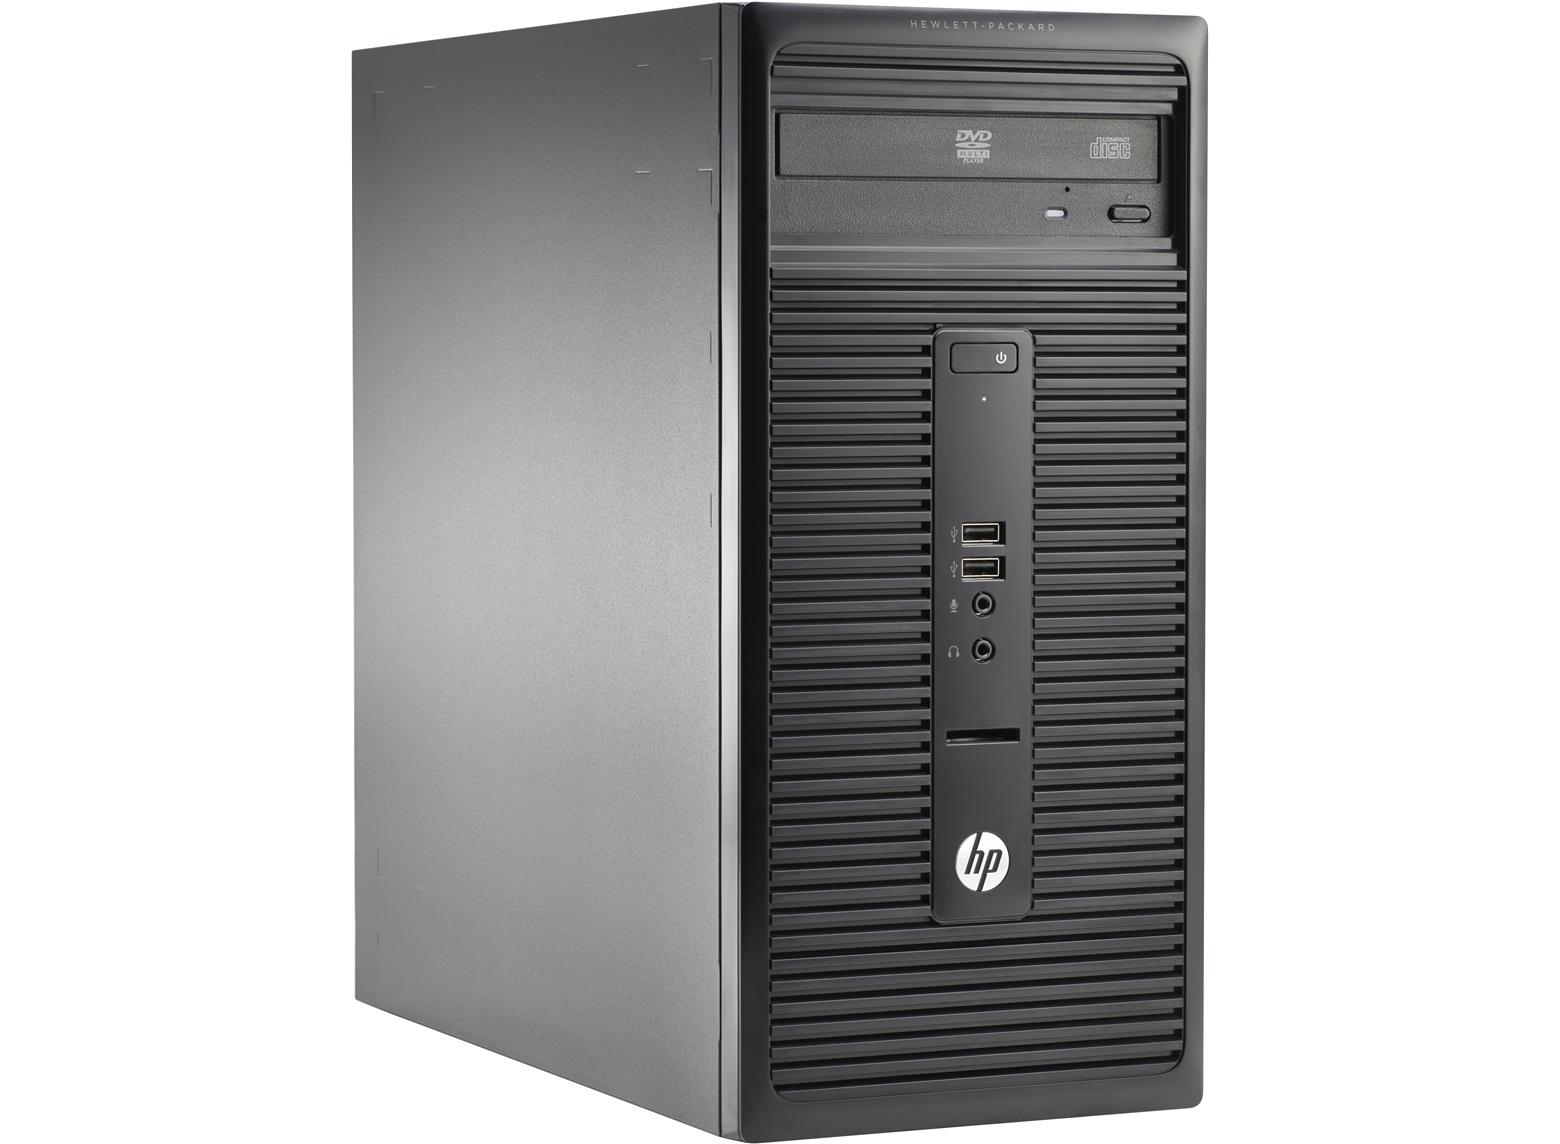 Máy bộ HP 280 G1 MT, Pentium G3250/2GB/500GB (L0J17PA)